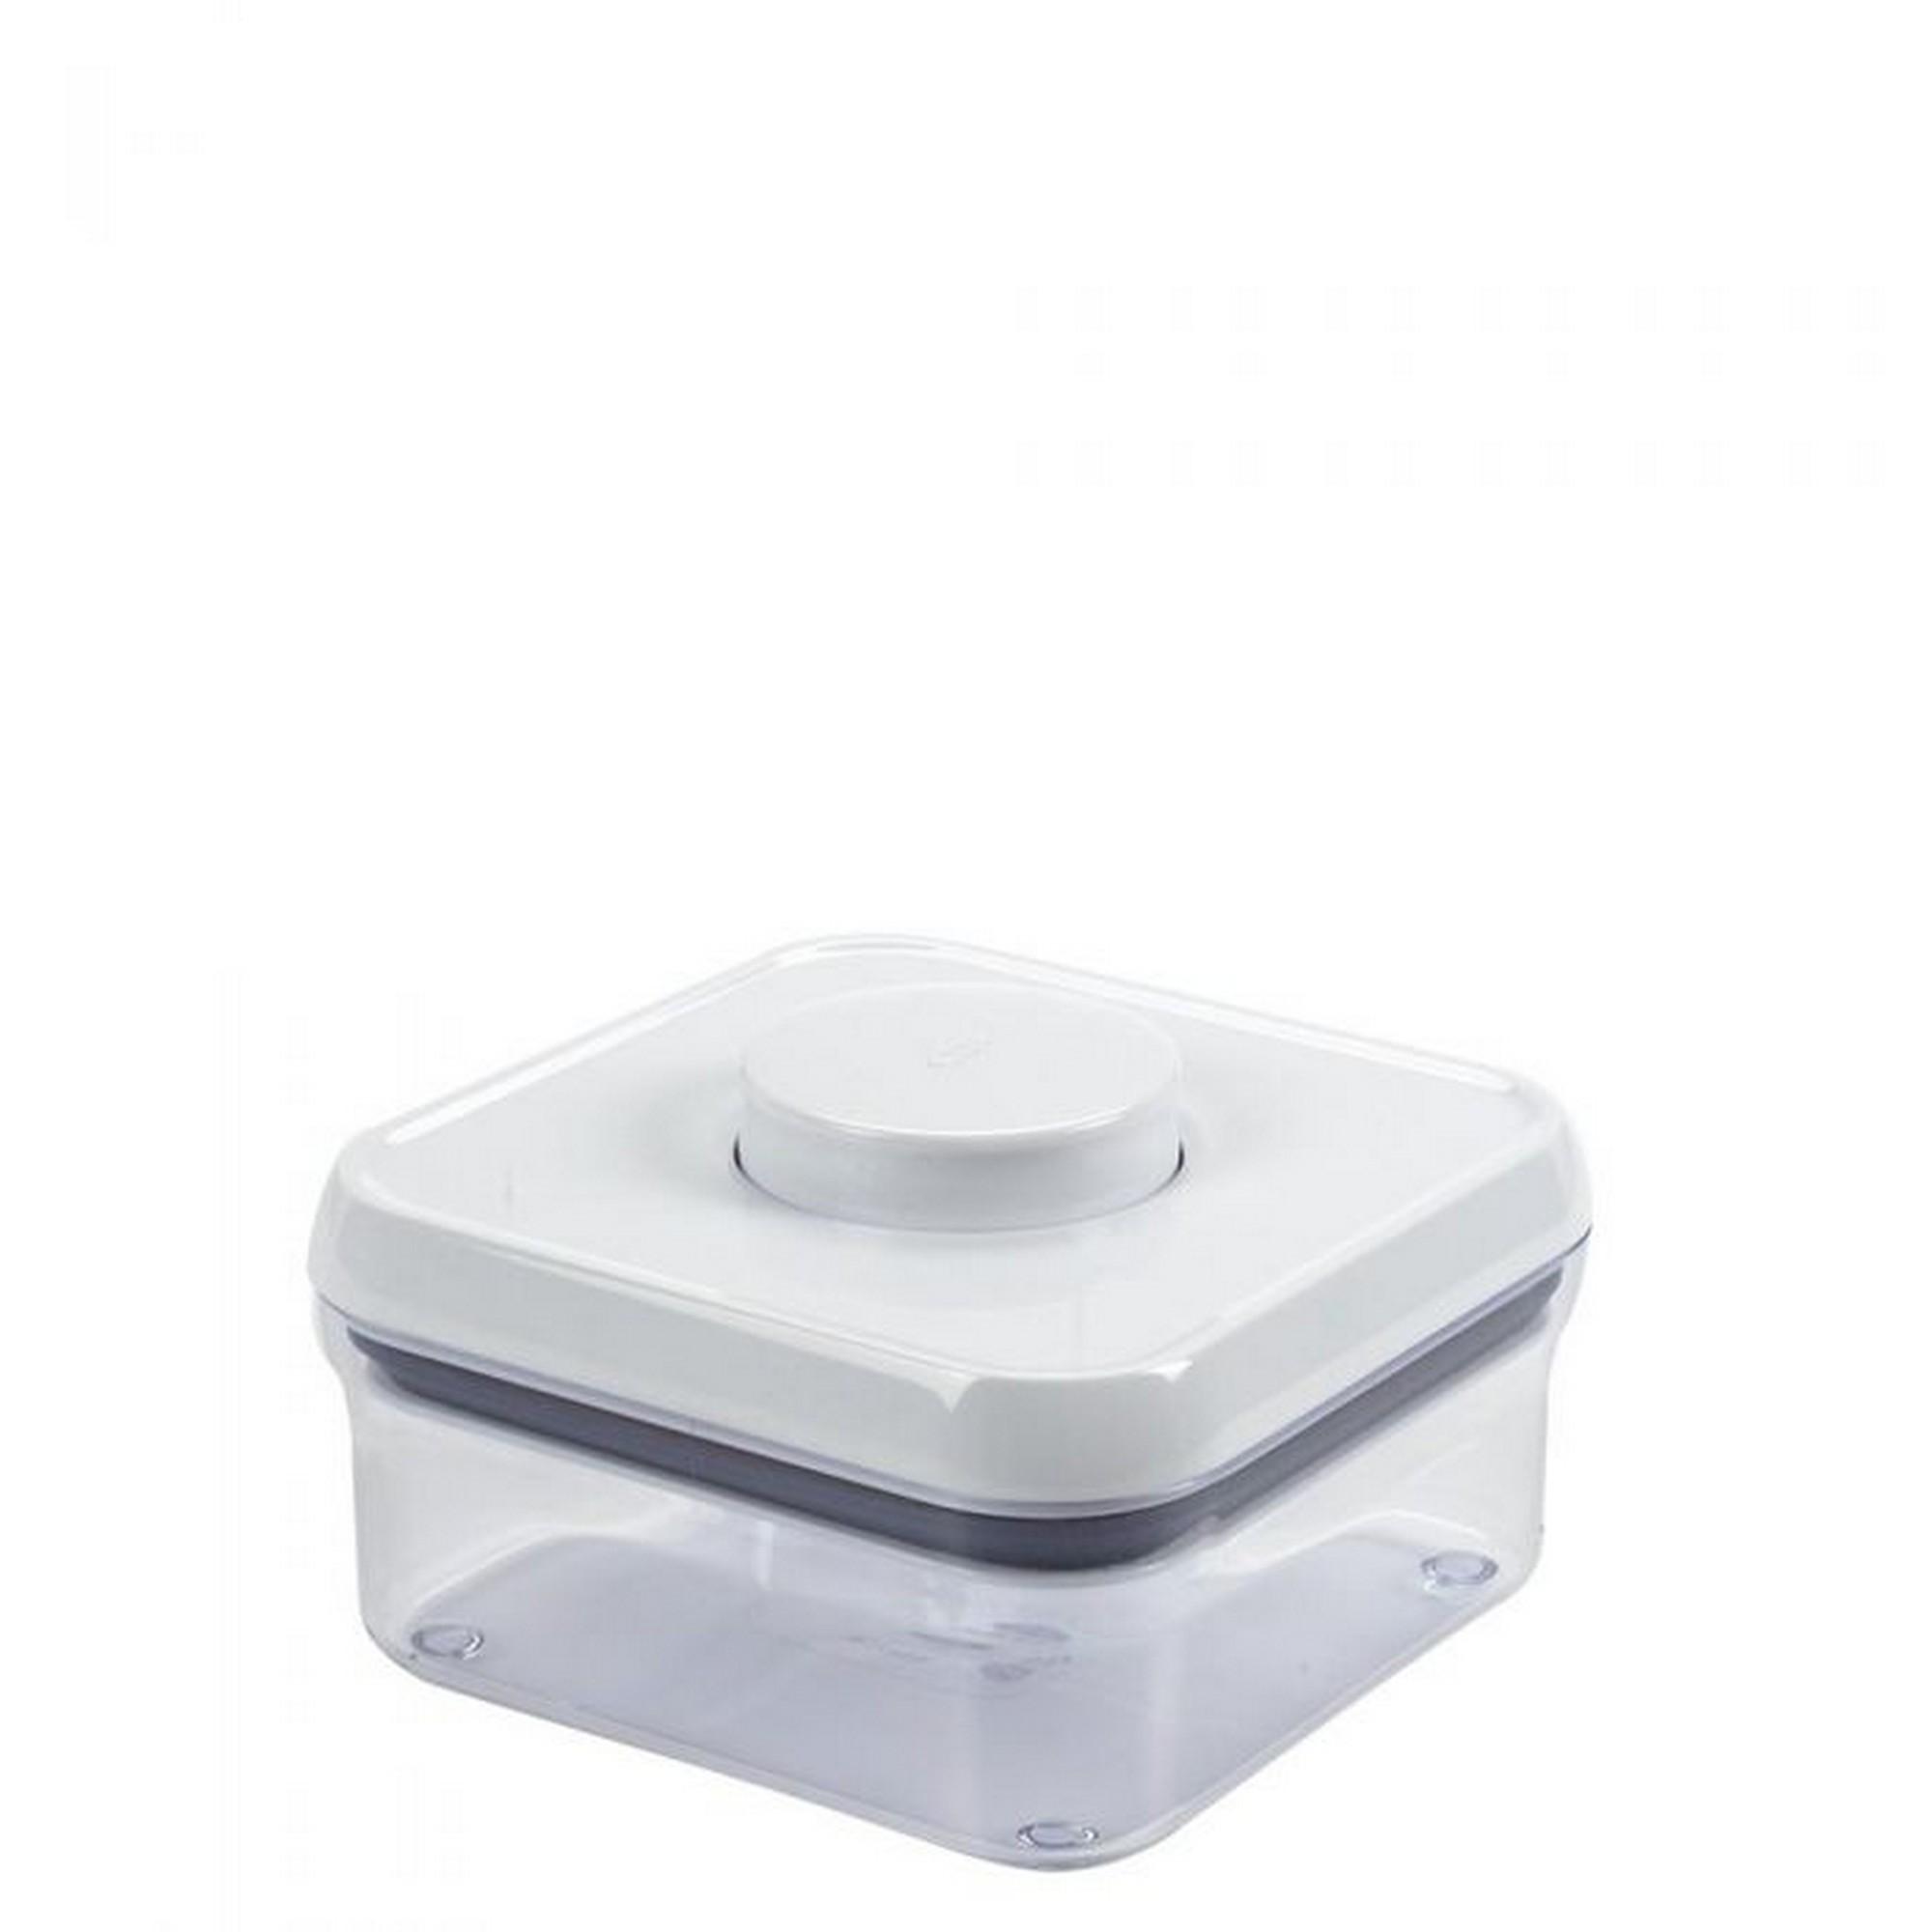 Pote Quadrado 1 litro Oxo Pop 2.0 com Fechamento Hermético